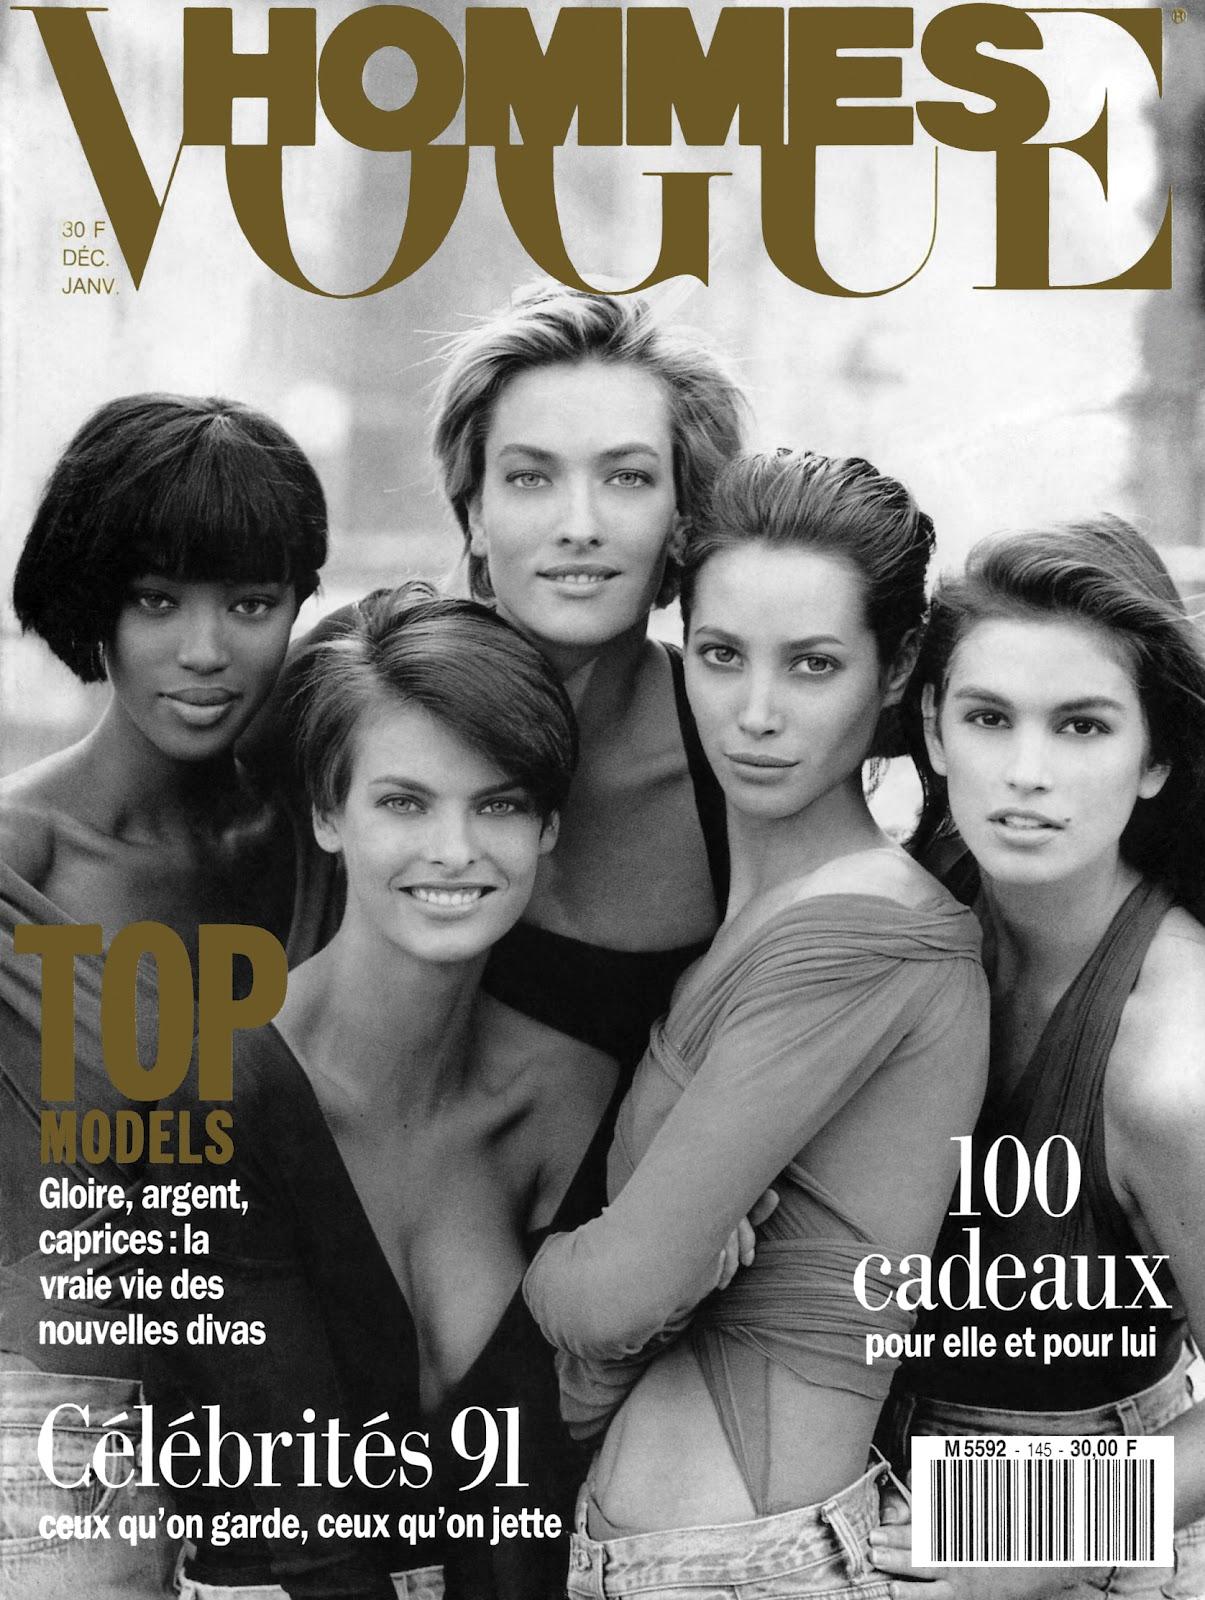 http://1.bp.blogspot.com/-XHZpXlLveSg/T0-f5-K6ASI/AAAAAAAACtQ/5WQtJWmXMMk/s1600/1991+12-1992+01+Vogue+Hommes+Fr+001+Ph+Peter+Lindbergh+Naomi+Campbell+Linda+Evangelista+Tatjan+Patitz+Christy+Turlington+Cindy+Crawford.jpg